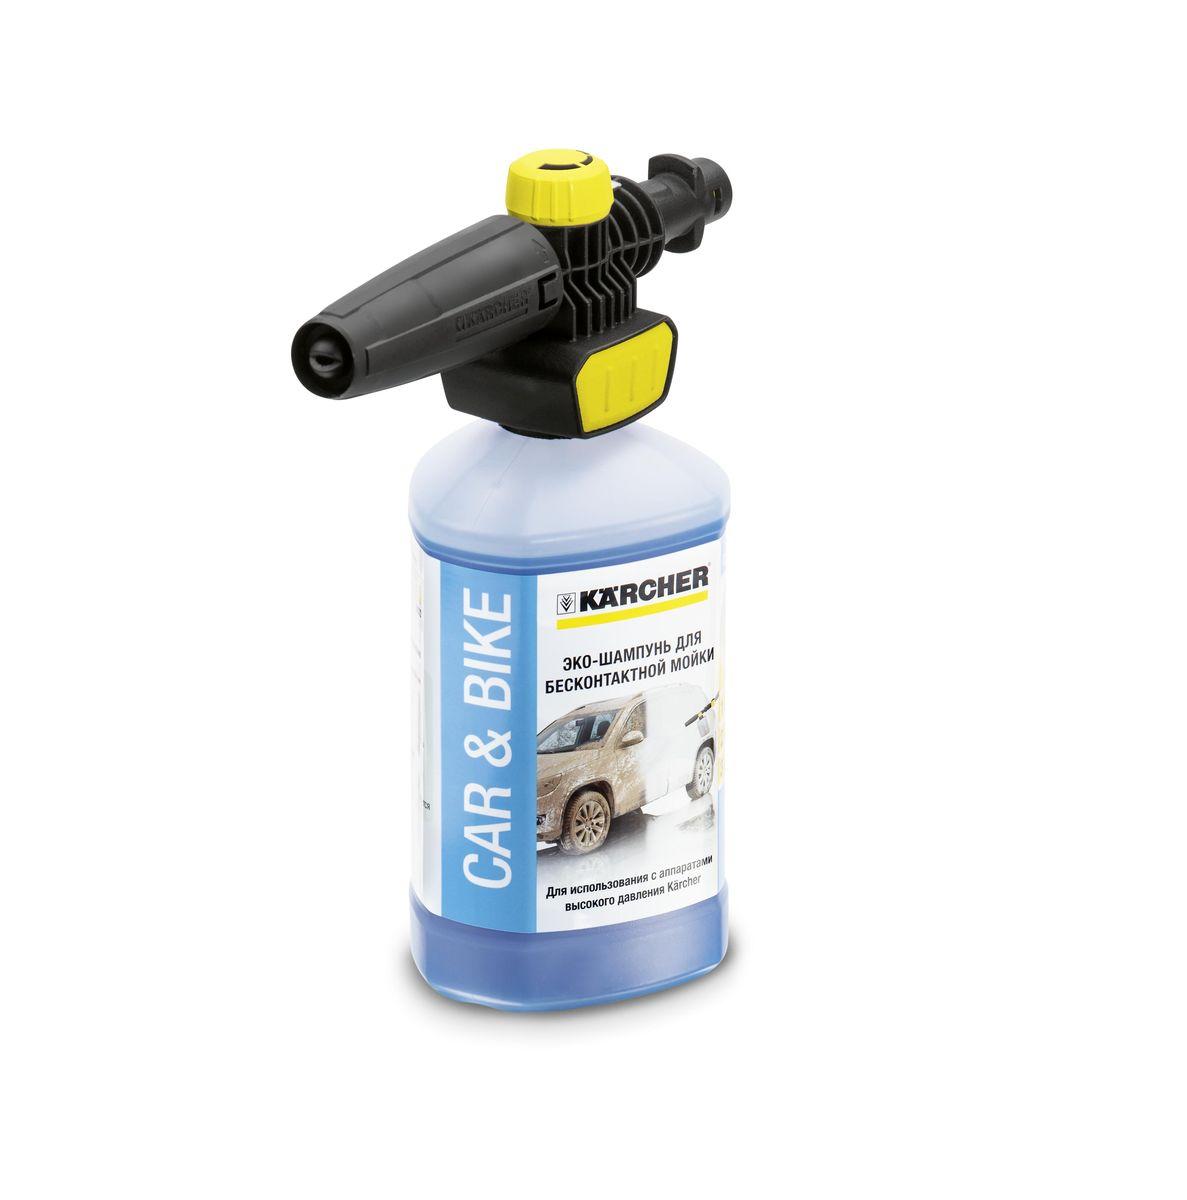 Набор Karcher FJ 10 С, с насадкой Connect n Clean, 2 предмета 2.643-142.02.643-142.0Набор Karcher FJ 10 С с насадкой Connect n Clean образует густую пену, которая поможет отмыть загрязненные мотоциклы, автомобили. С помощью насадки Connect n Clean также можно обрабатывать каменные и деревянные поверхности. Используется для аппаратов высокого давления Karcher классов K2-K7. В набор входит эко-шампунь для бесконтактной мойки. Преимущества использования набора Karcher FJ 10 С: механизм насадки Connect n Clean для удобного применения и быстрой замены чистящего средства, дополнительный усилитель пенообразования для более интенсивной очистки, шампунь не содержит фосфатов и не повреждает поверхности. Преимущества пенного сопла Karcher FJ 10 С:регулировка плоскости распыления,дозировка чистящего средства,регулировка угла распыления, регулировка струи (от узкой до широкой). Максимальное давление: 160 бар.Максимальная температура: 60°С. Объем эко-шампуня: 1 л.